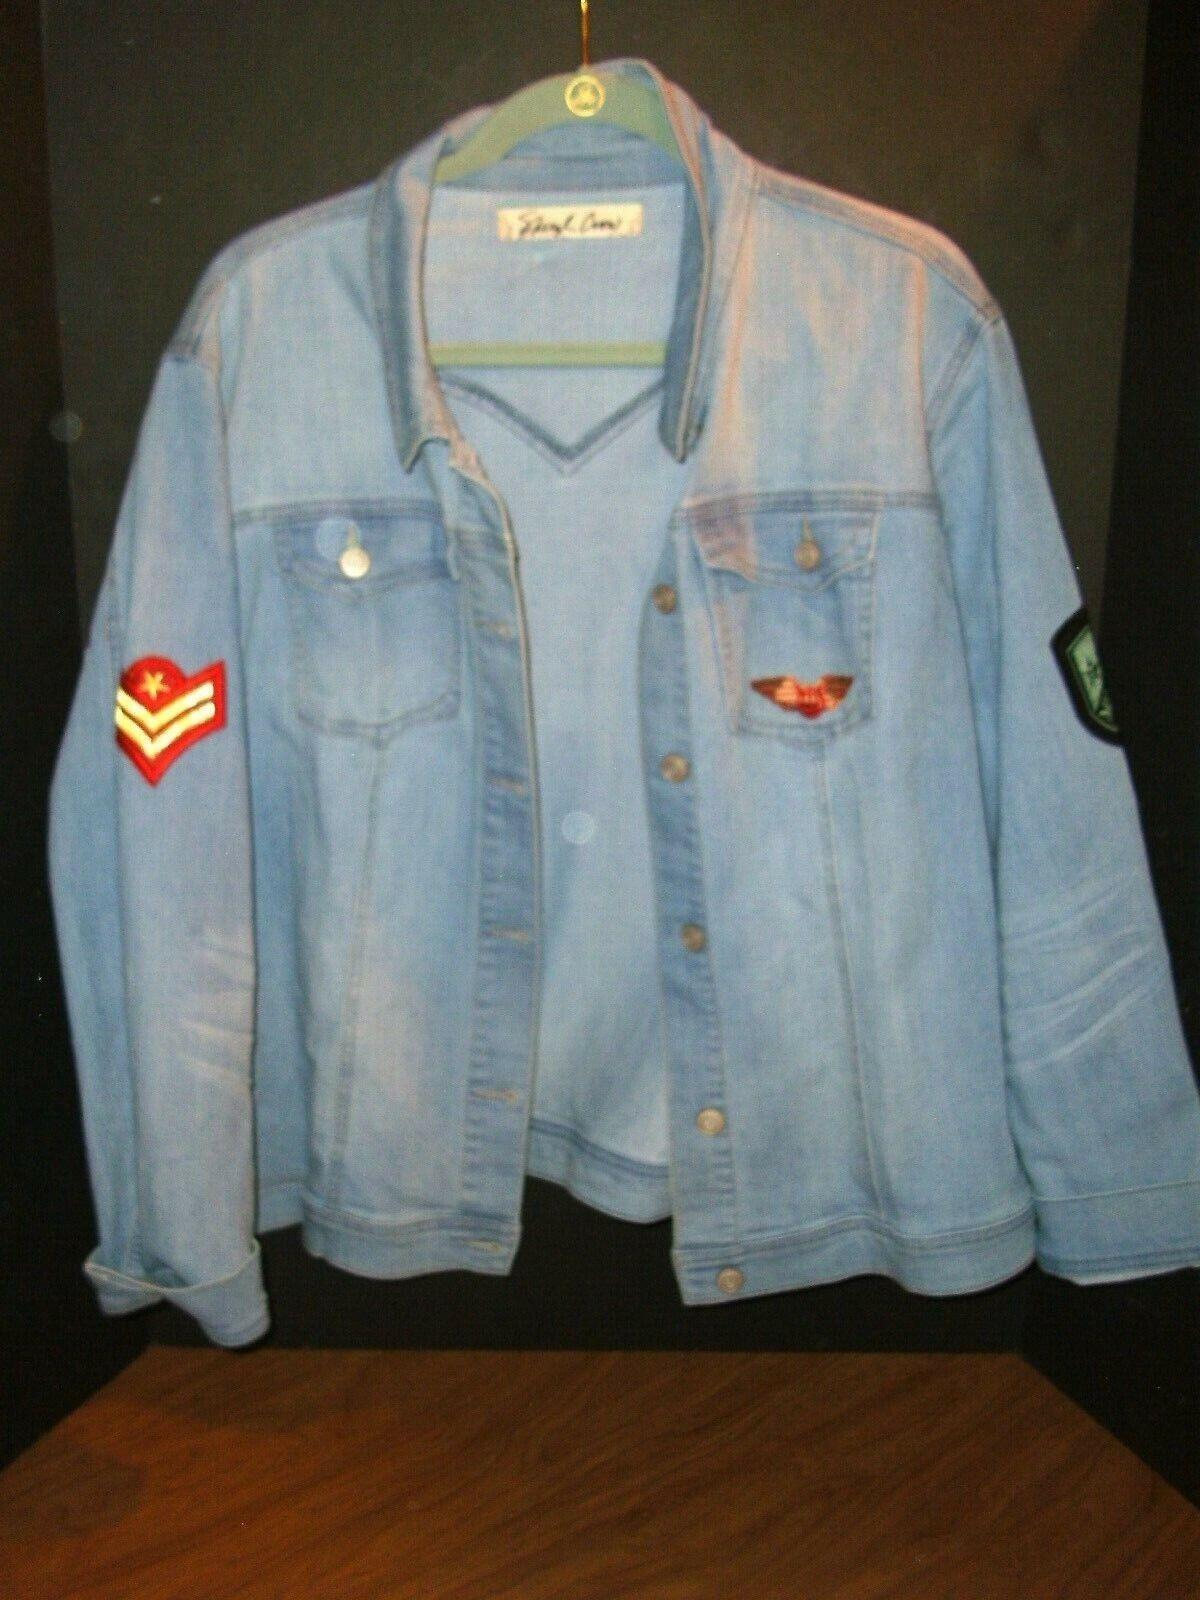 Damen 2 X Sheryl Crow Cool Militär Stil Jeansjacke Super